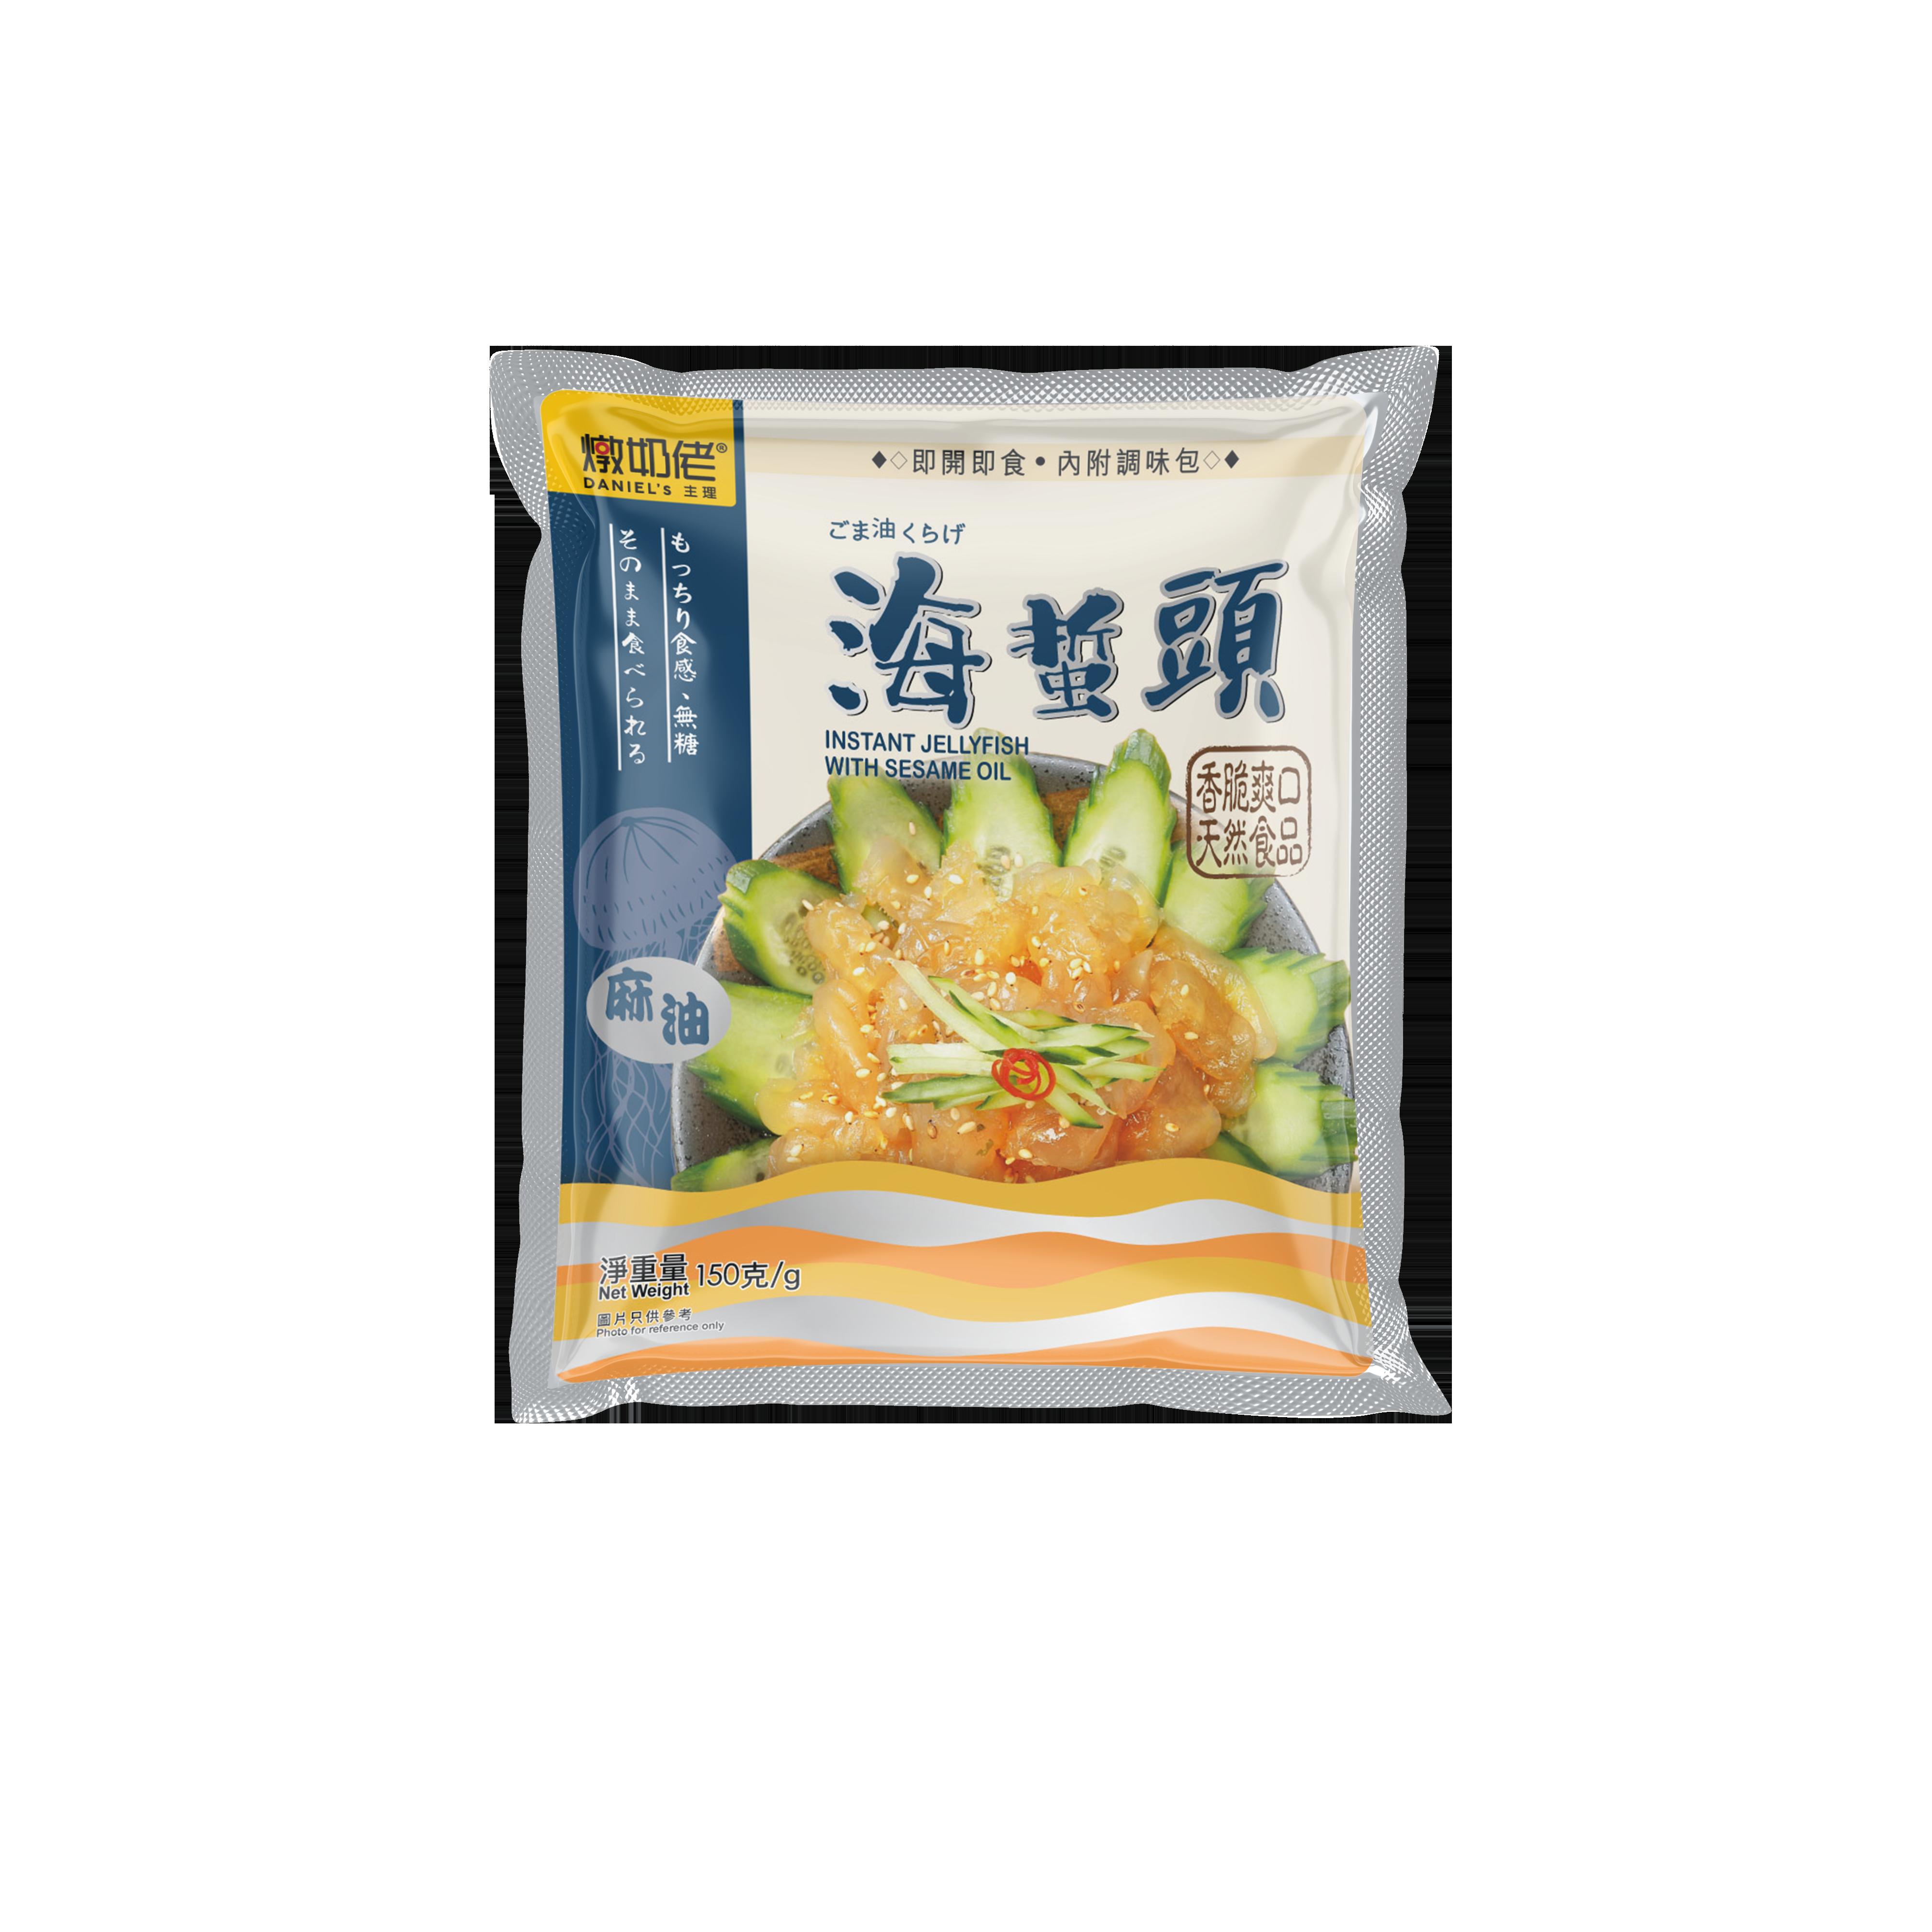 燉奶佬即食海蜇頭(麻油味)